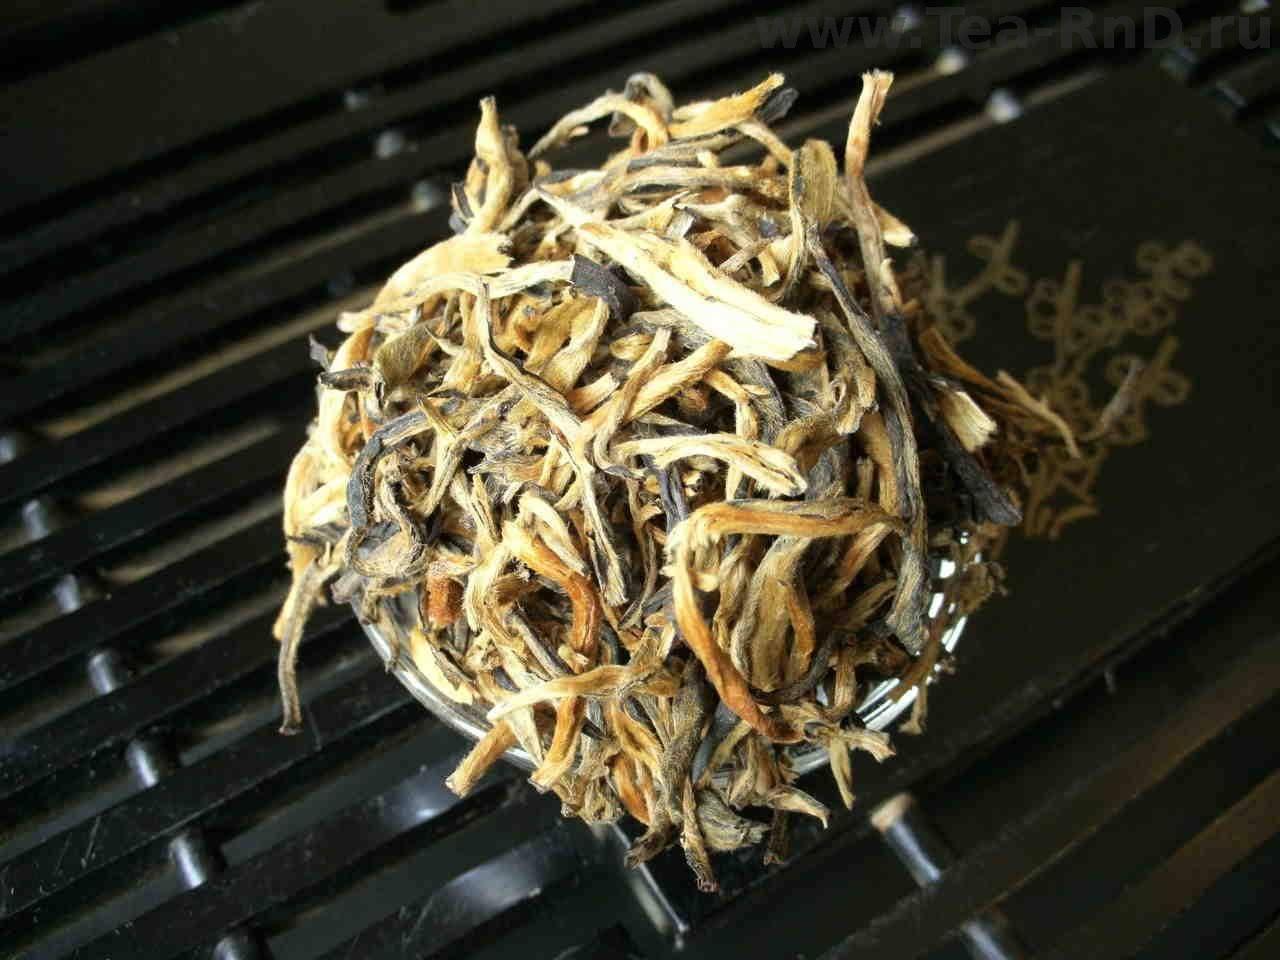 Чай-цветок распускается, когда приходит его время. секреты связанного чая, раскрывающегося как цветок